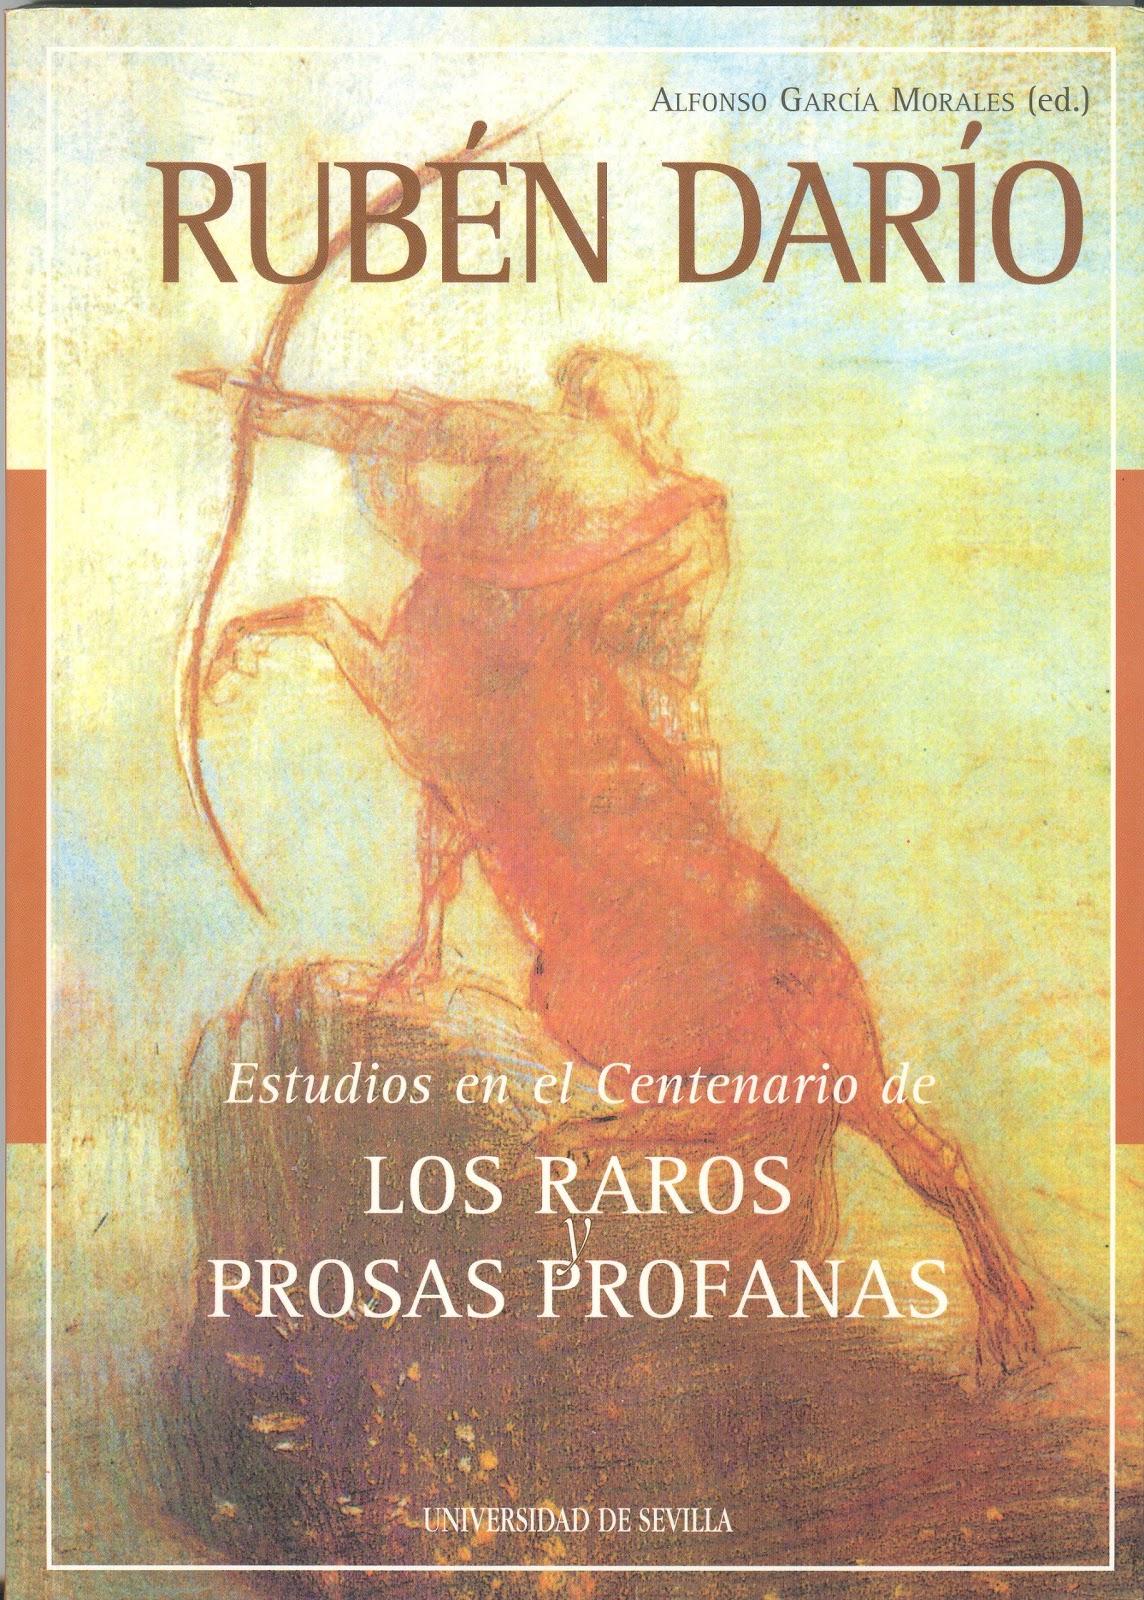 Universidad Del Este >> Viaje al Parnaso: Rubén Darío. Estudios en el centenario de Los Raros y Prosas Profanas (Ed ...